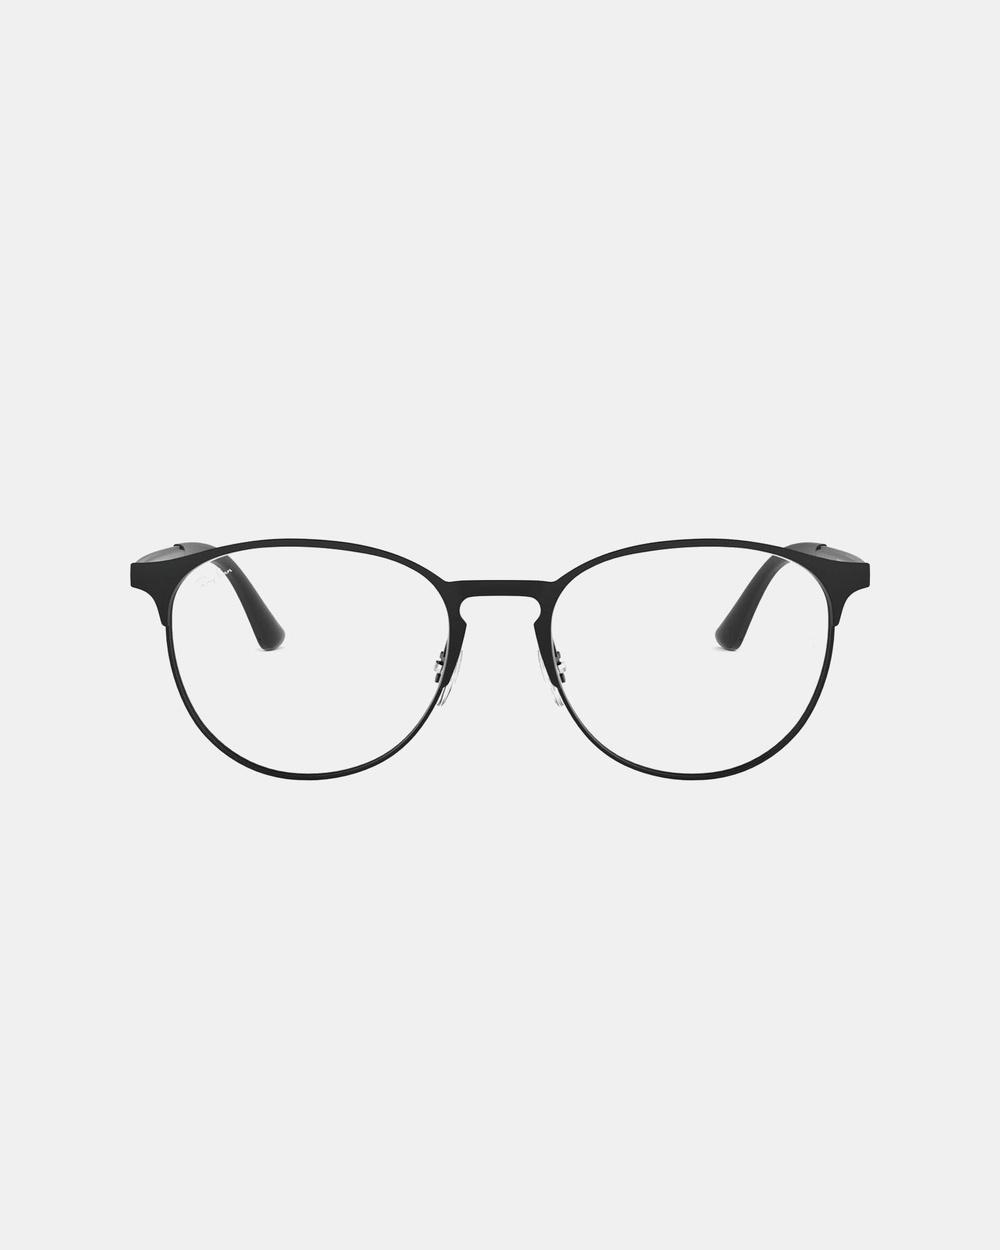 Ray-Ban Optical RB6375 Black